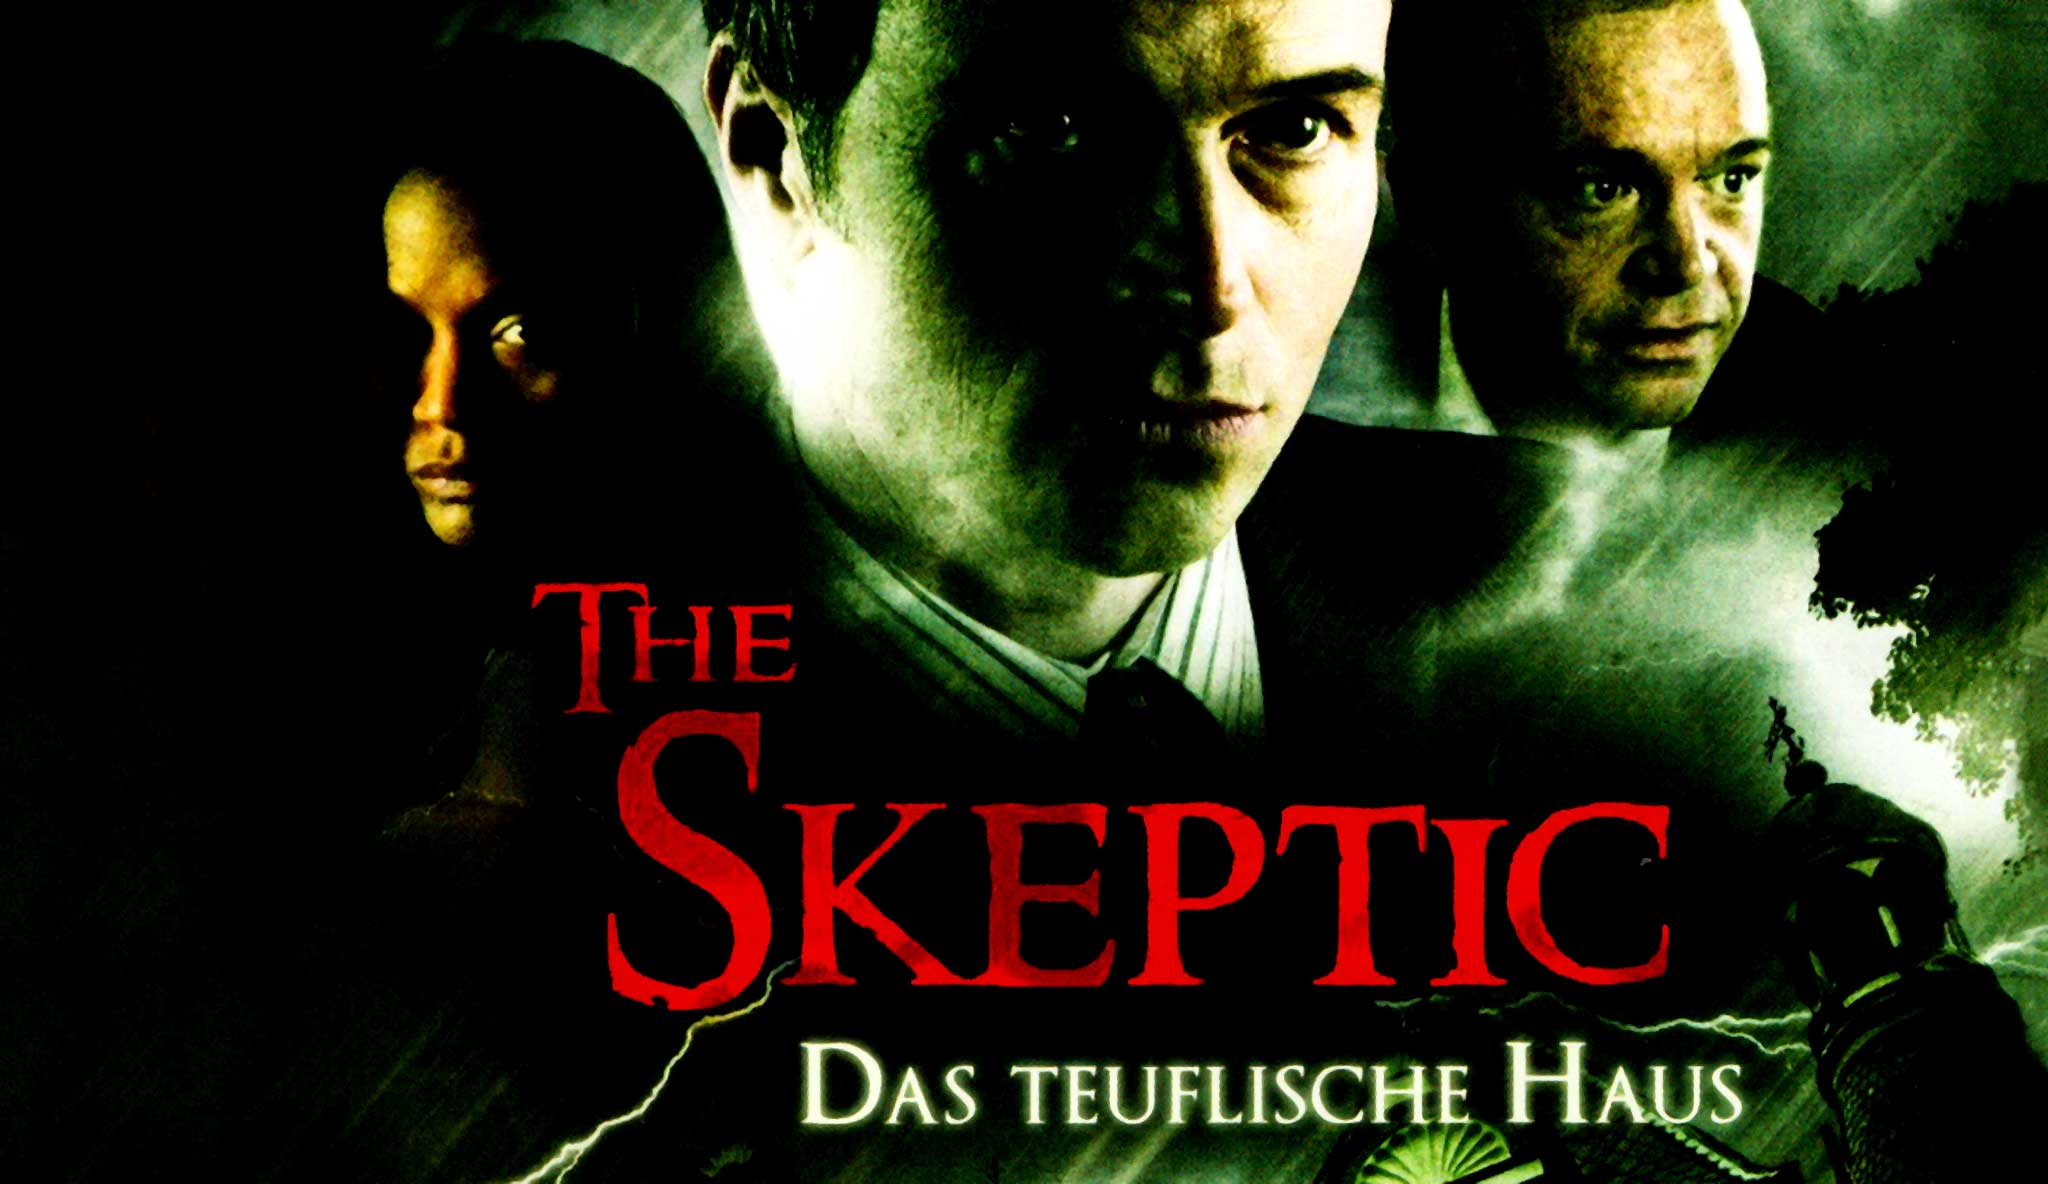 the-skeptic-das-teuflische-haus\header.jpg